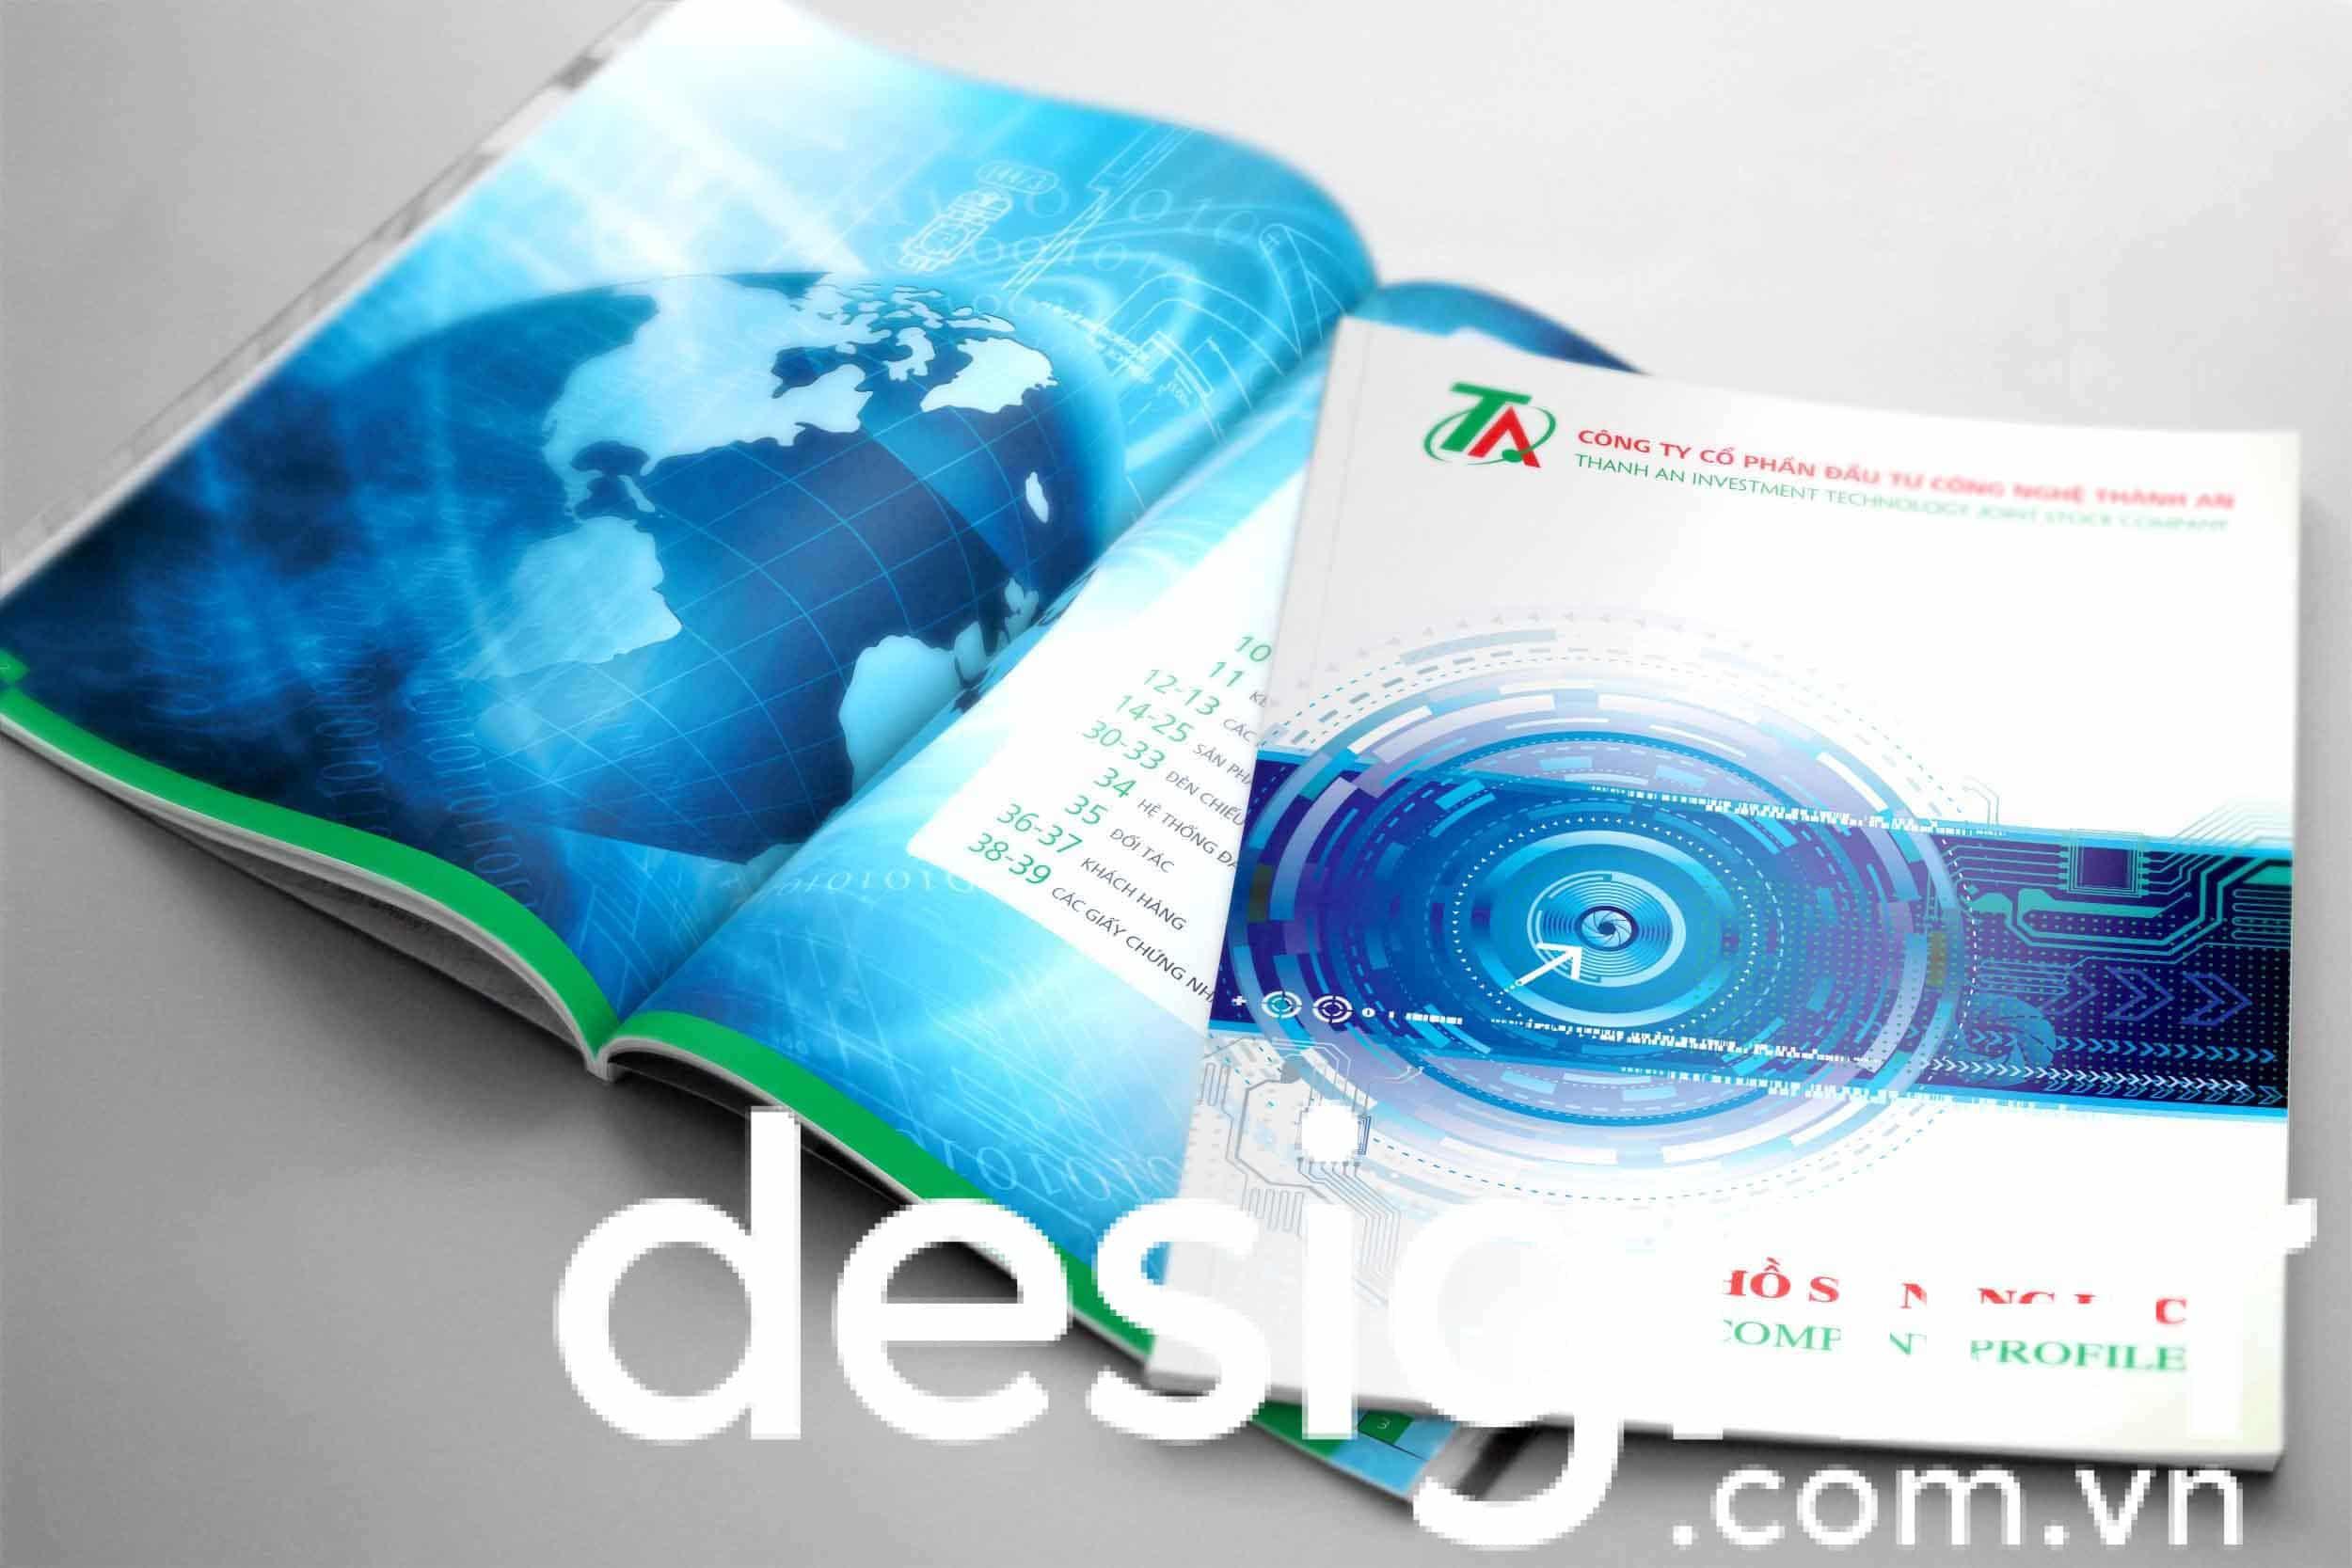 Top 3 phong cách thiết kế hồ sơ năng lực công ty ngành máy ảnh, máy quay